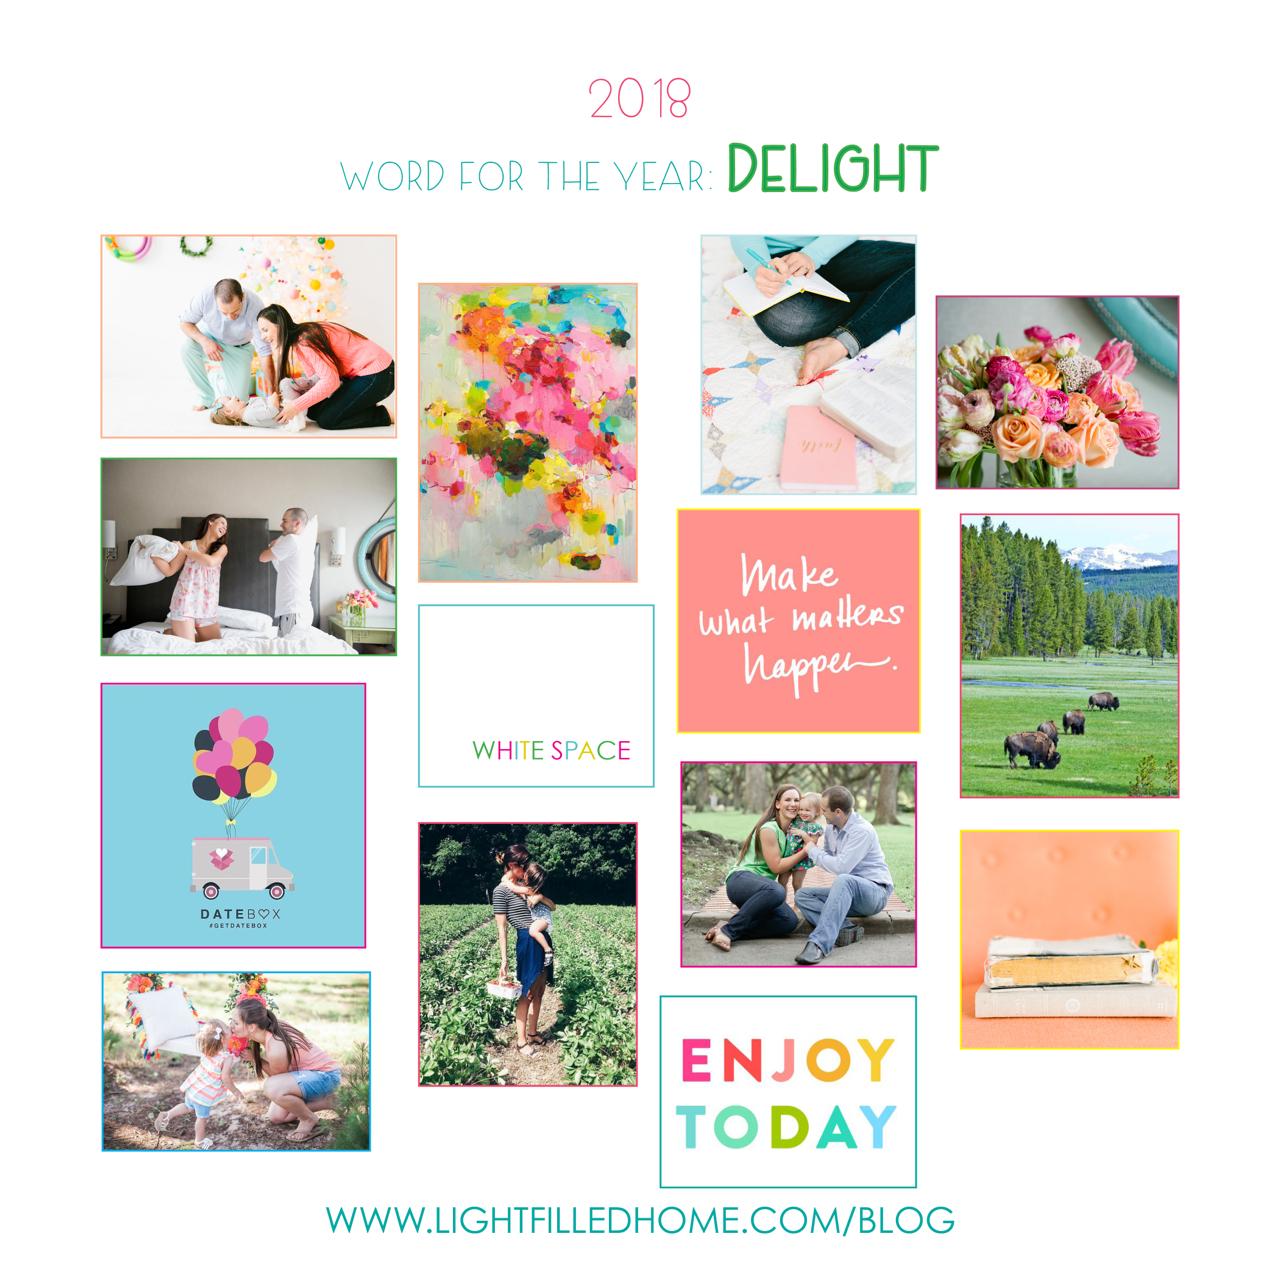 Delight in 2018 | Setting Good Goals | Lightfilldhome.com/blog